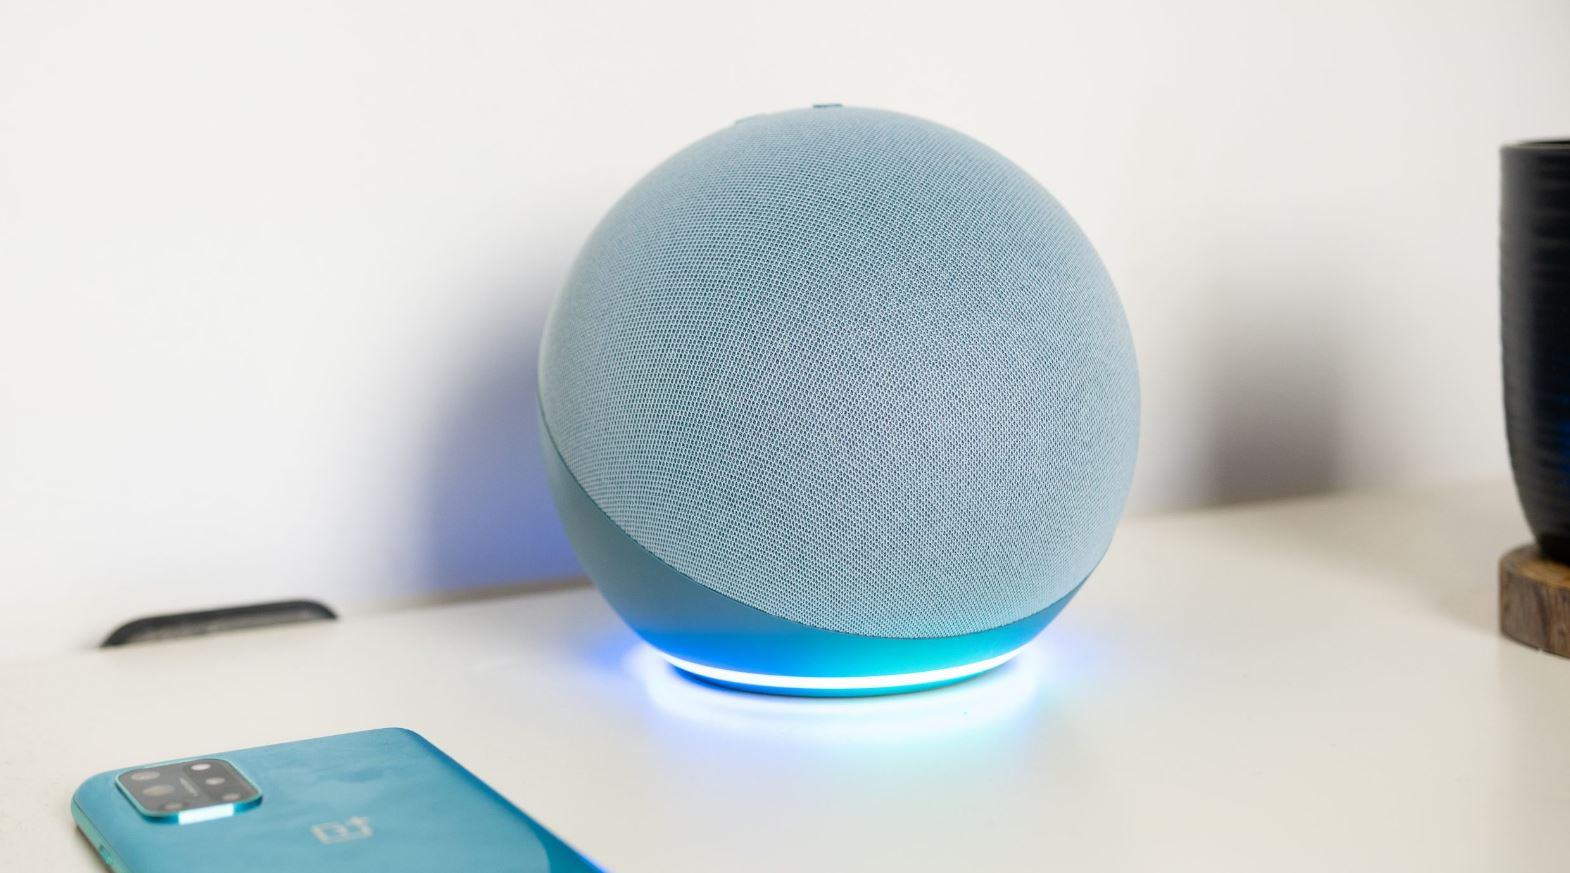 Trucos para sacarle el mayor provecho a tu Amazon Echo o Echo Dot